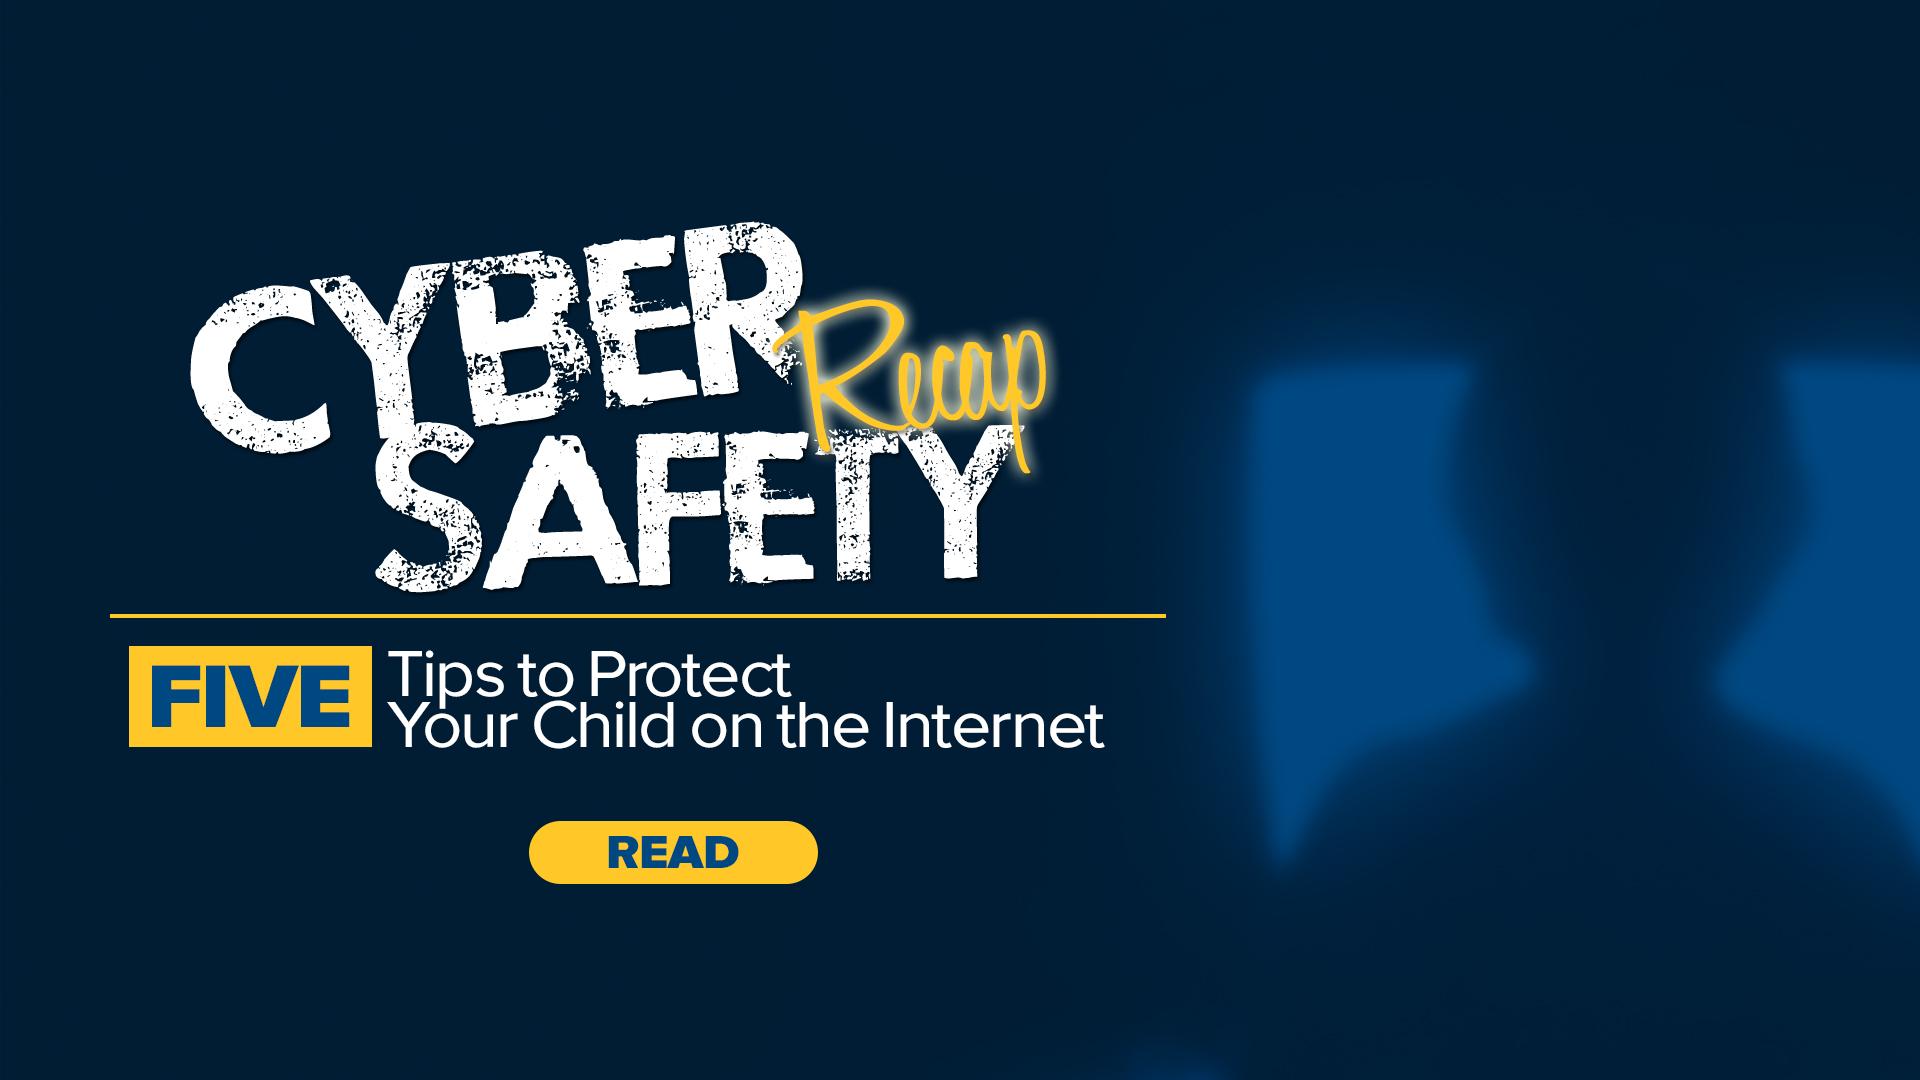 Cyber Bullying Social Share Image - v1.jpg